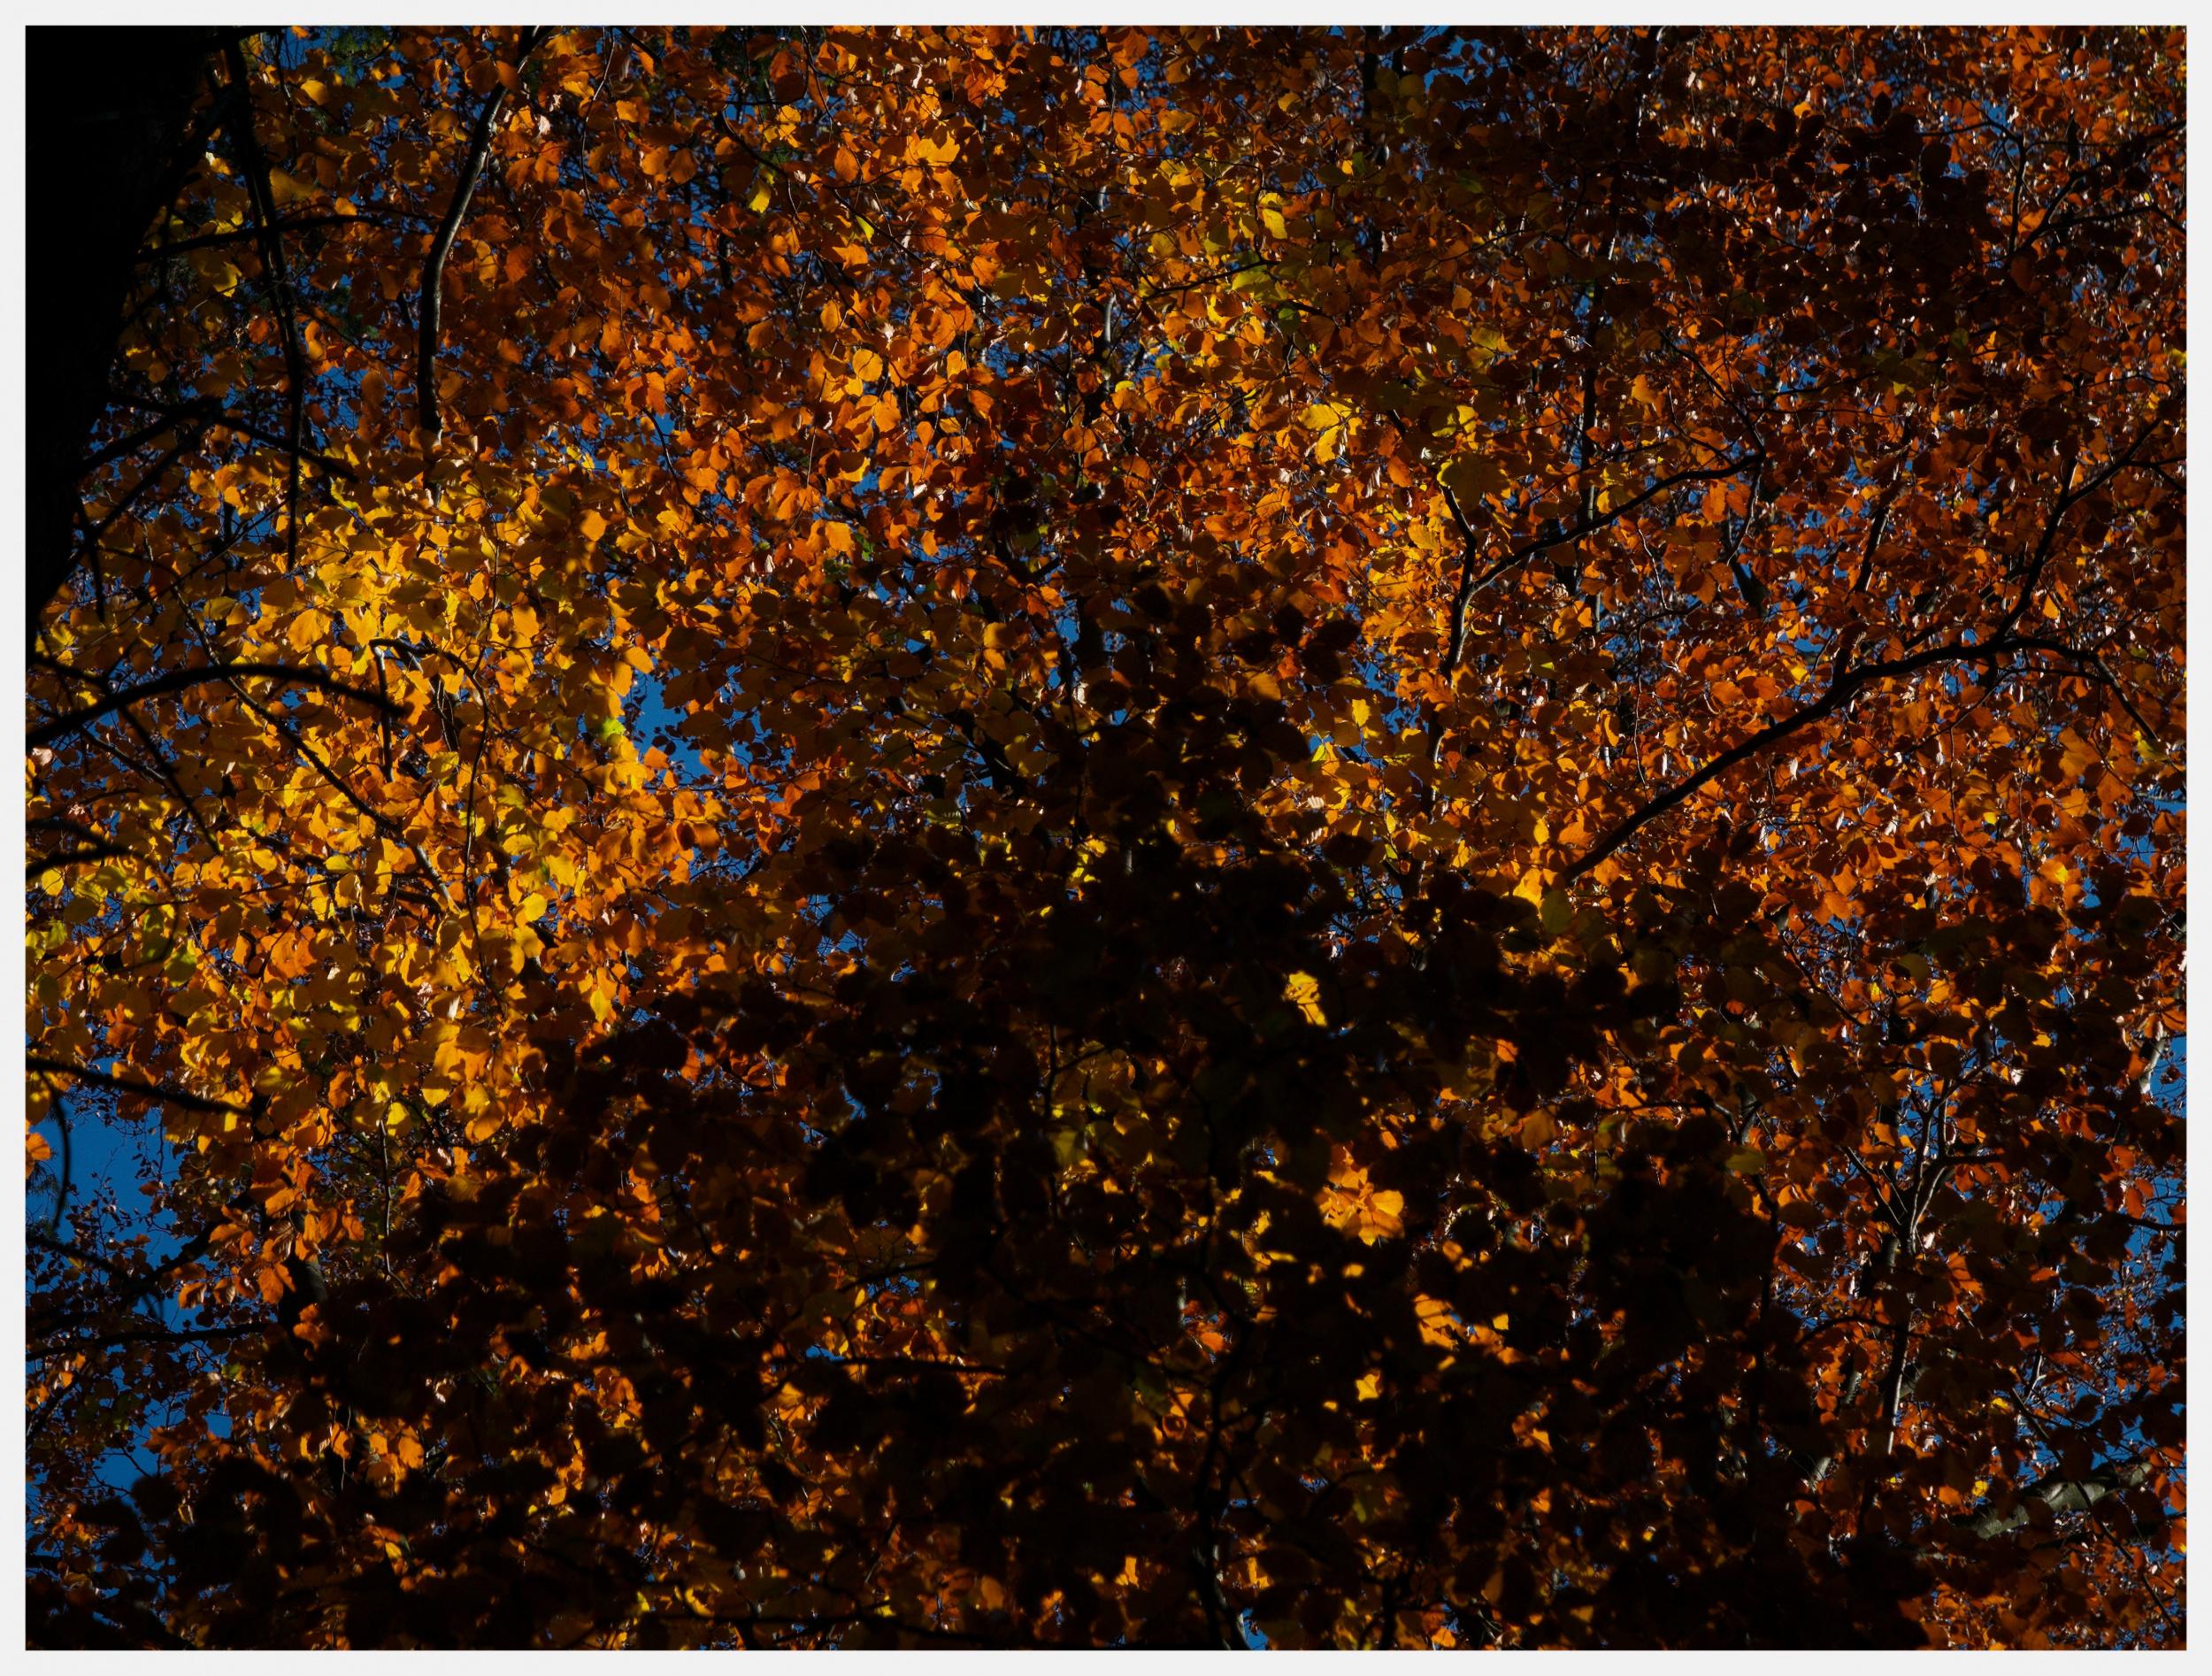 Klicken Sie auf die Grafik für eine größere Ansicht  Name:Das Goldene Blätterdach.jpg Hits:107 Größe:2,80 MB ID:1017070